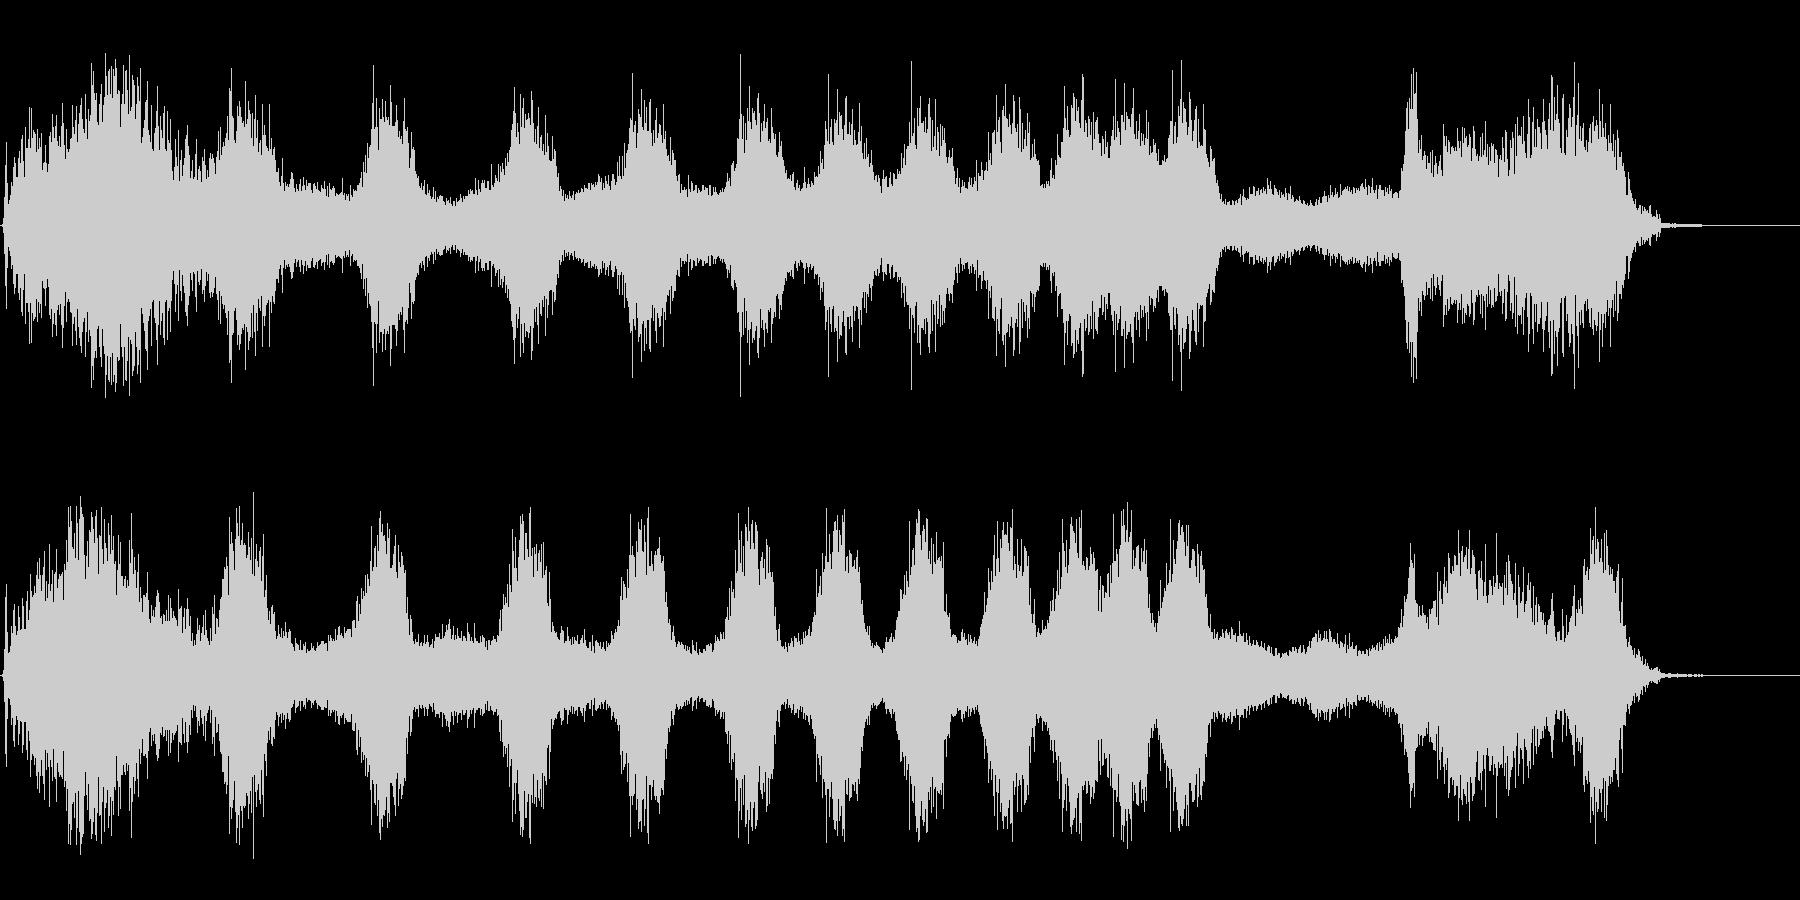 エネルギースワイプの未再生の波形